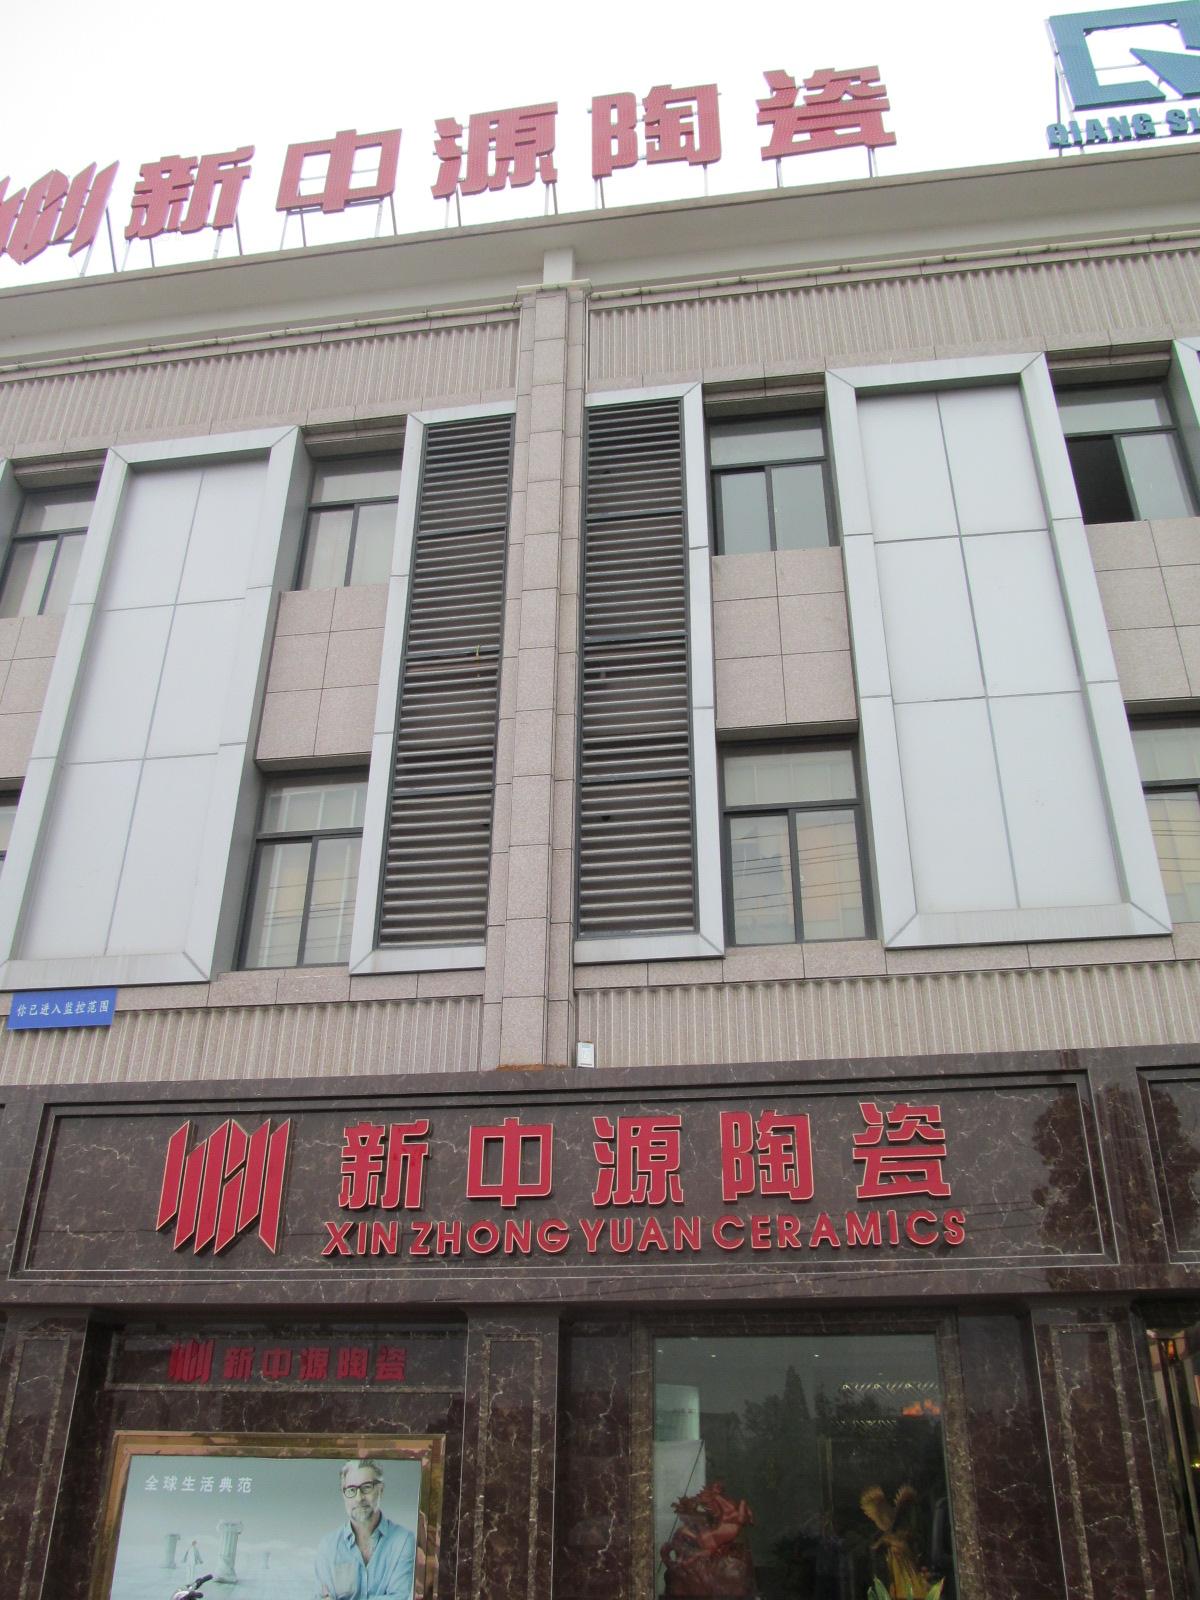 中国 郎溪/中国陶瓷十大品牌中国品牌500强中国环保产品认证...